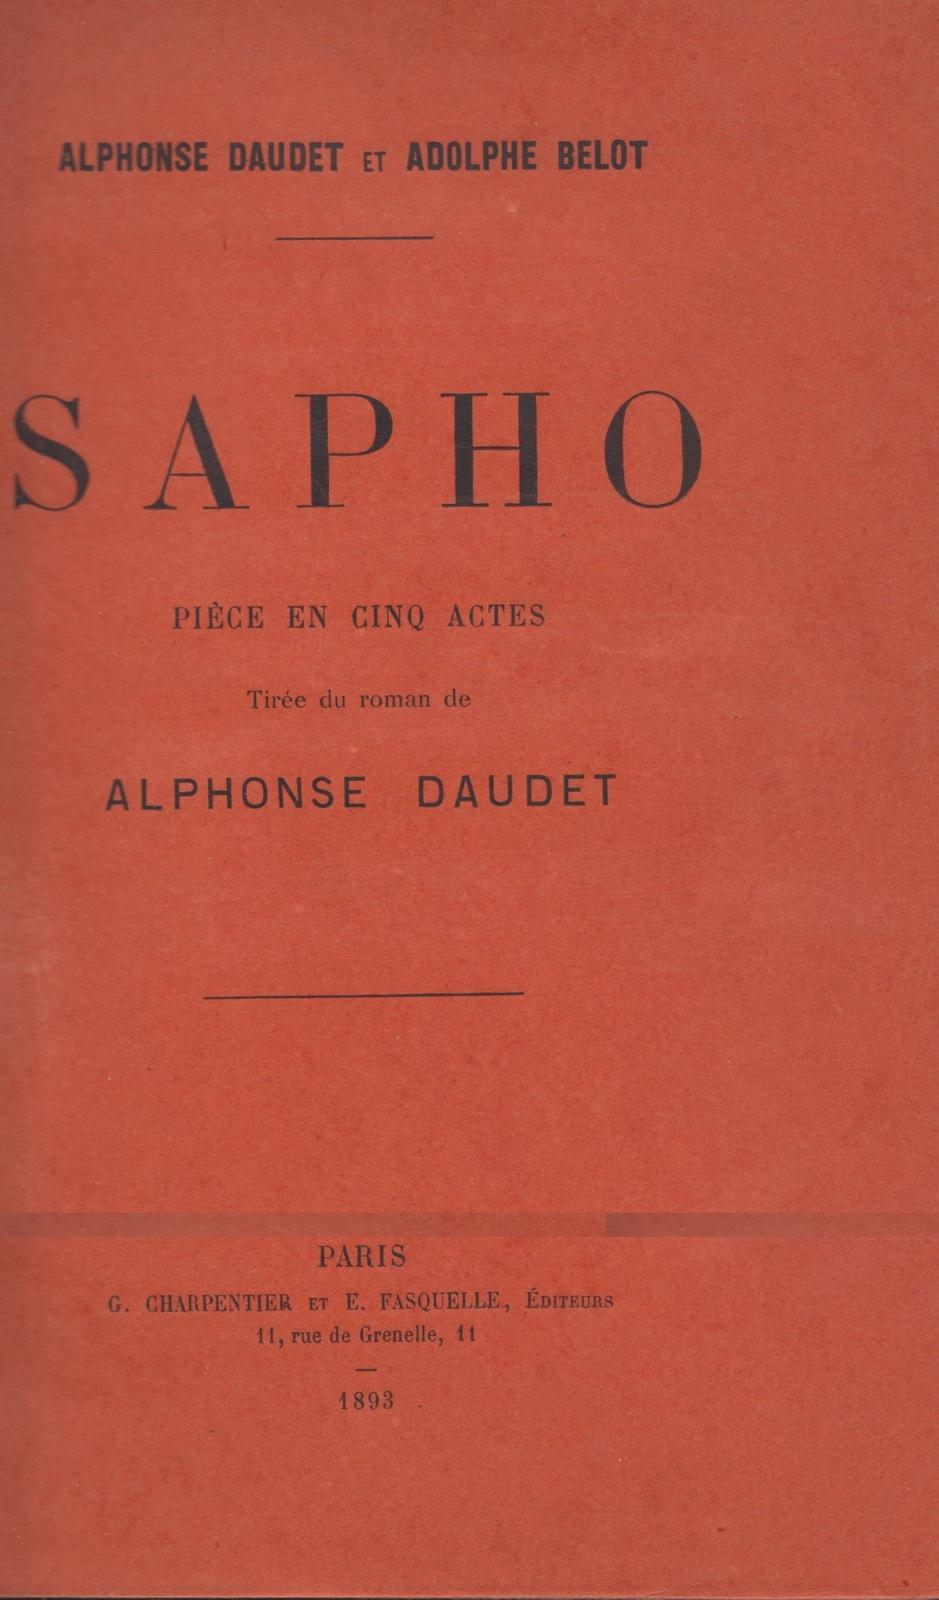 daudet-alphonse-et-adolphe-belot-sapho-paris-charpentier-et-fasquelle-1893-in-8-bradel-demi-maroquin-mauve-avec-coins-dos-lisse-non-rogne-couverture-et-dos-p-affolter--315_1